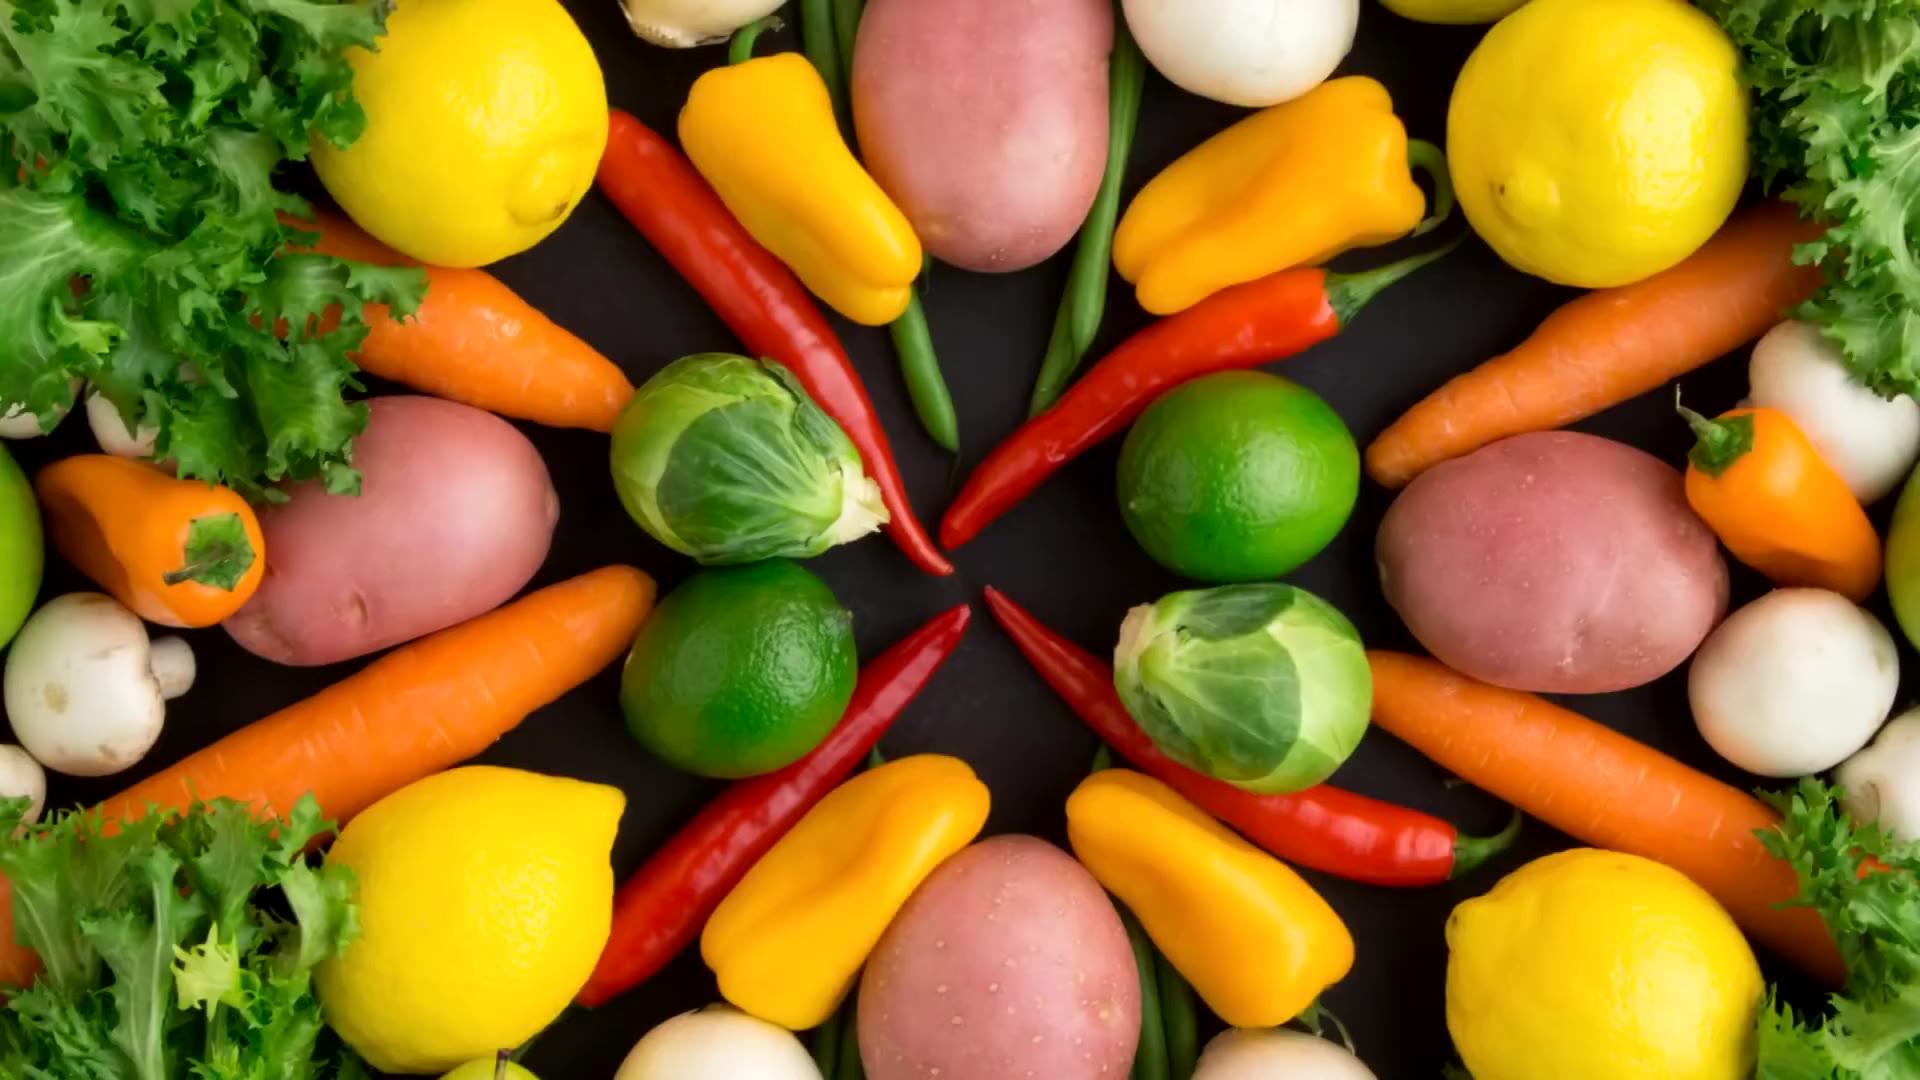 【定格动画】蔬菜与水果的世界